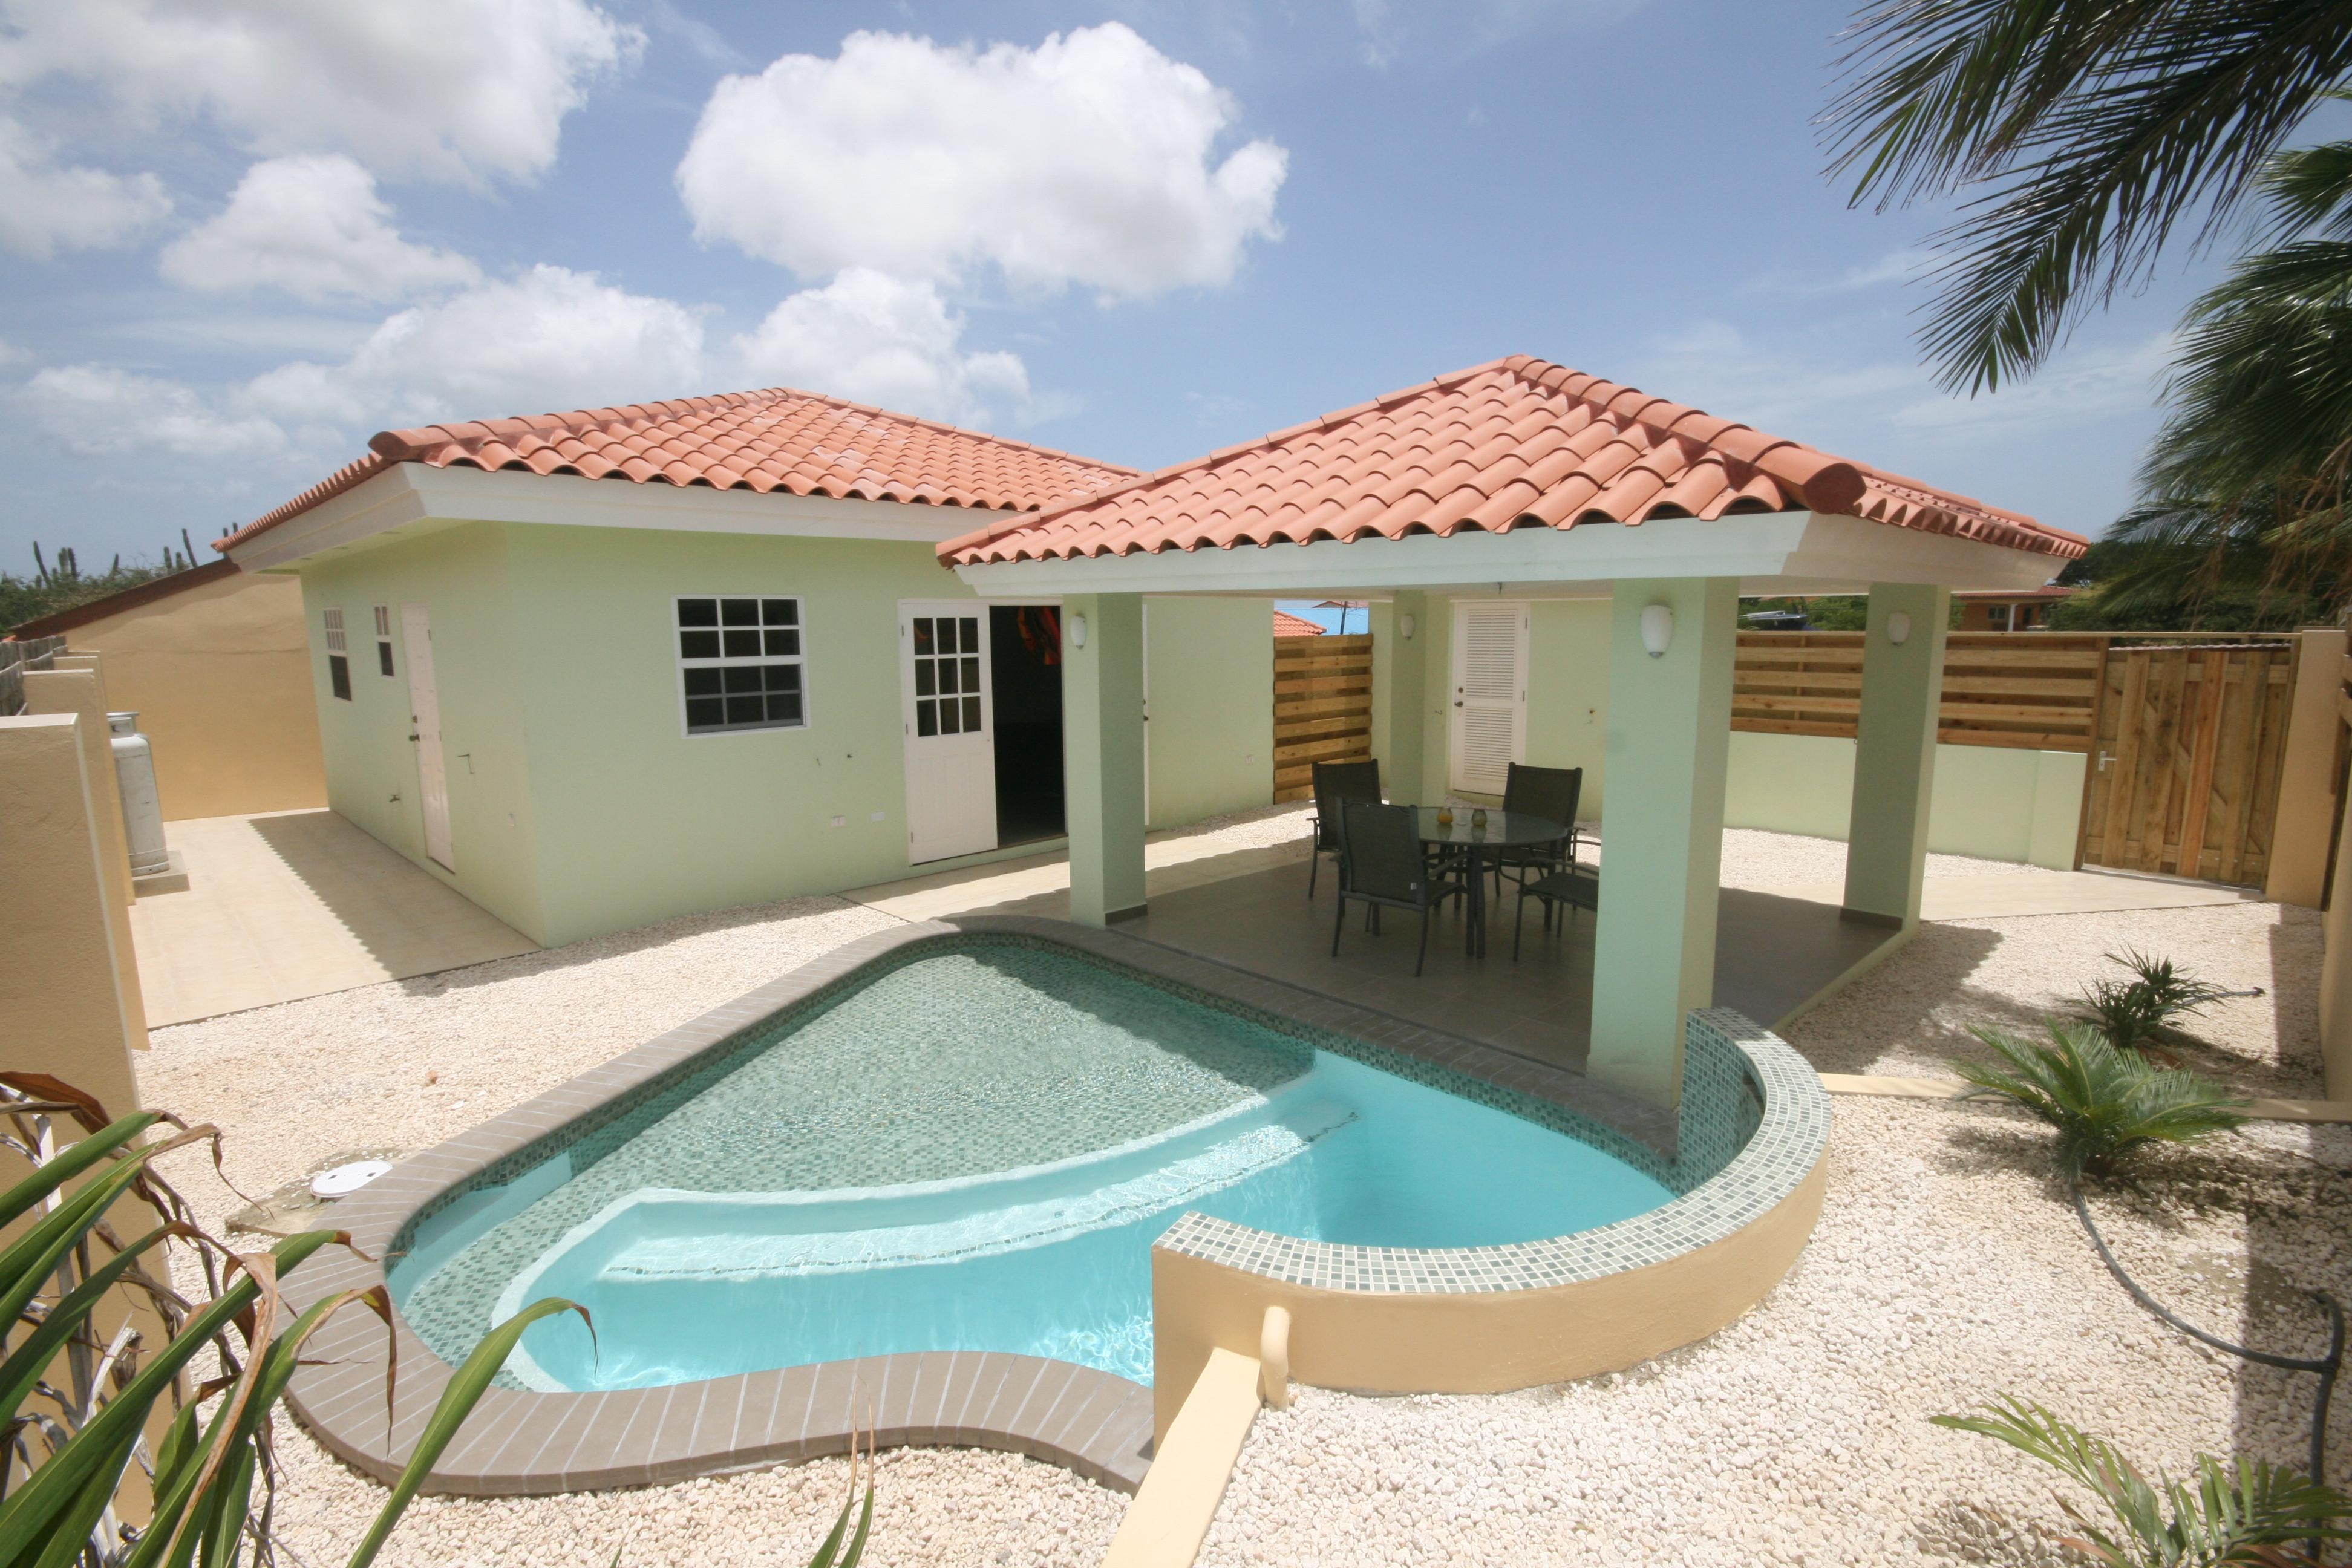 Huizen Aruba - Appartementen Aruba - Huis Aruba - Villa Aruba huren